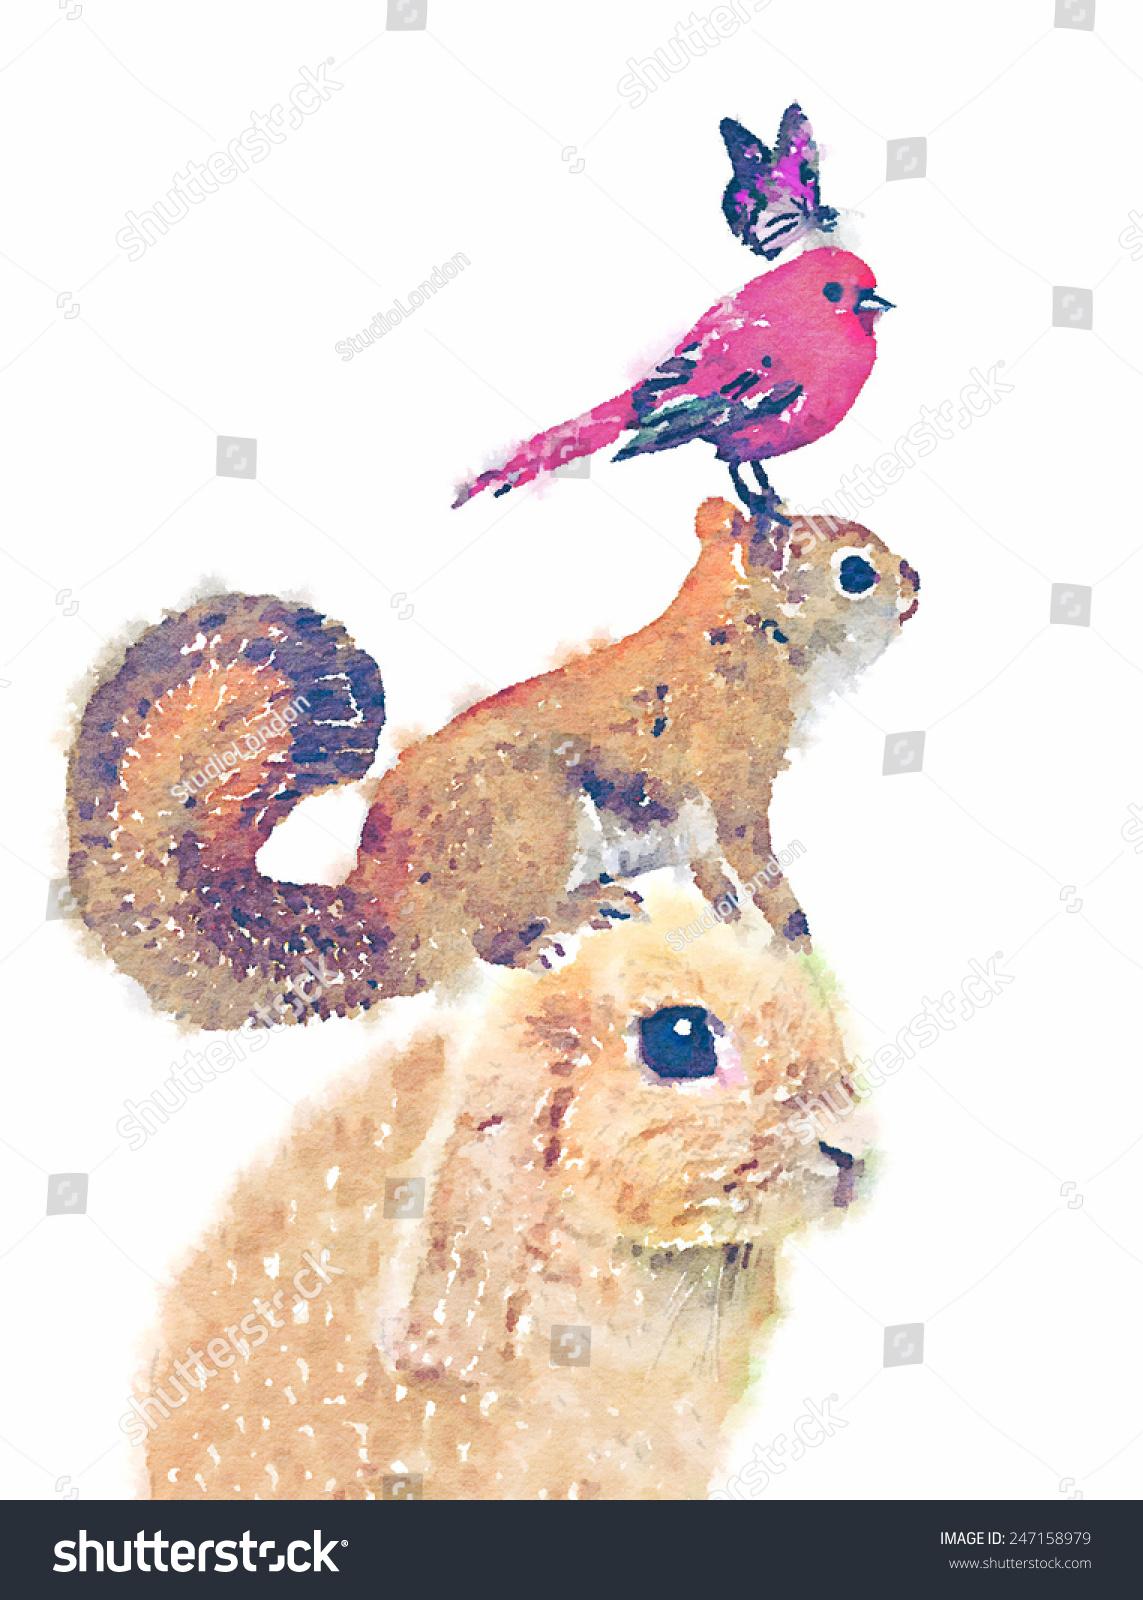 插图兔/红松鼠/水彩画/蝴蝶插图/ t恤图形/可爱的鸟类